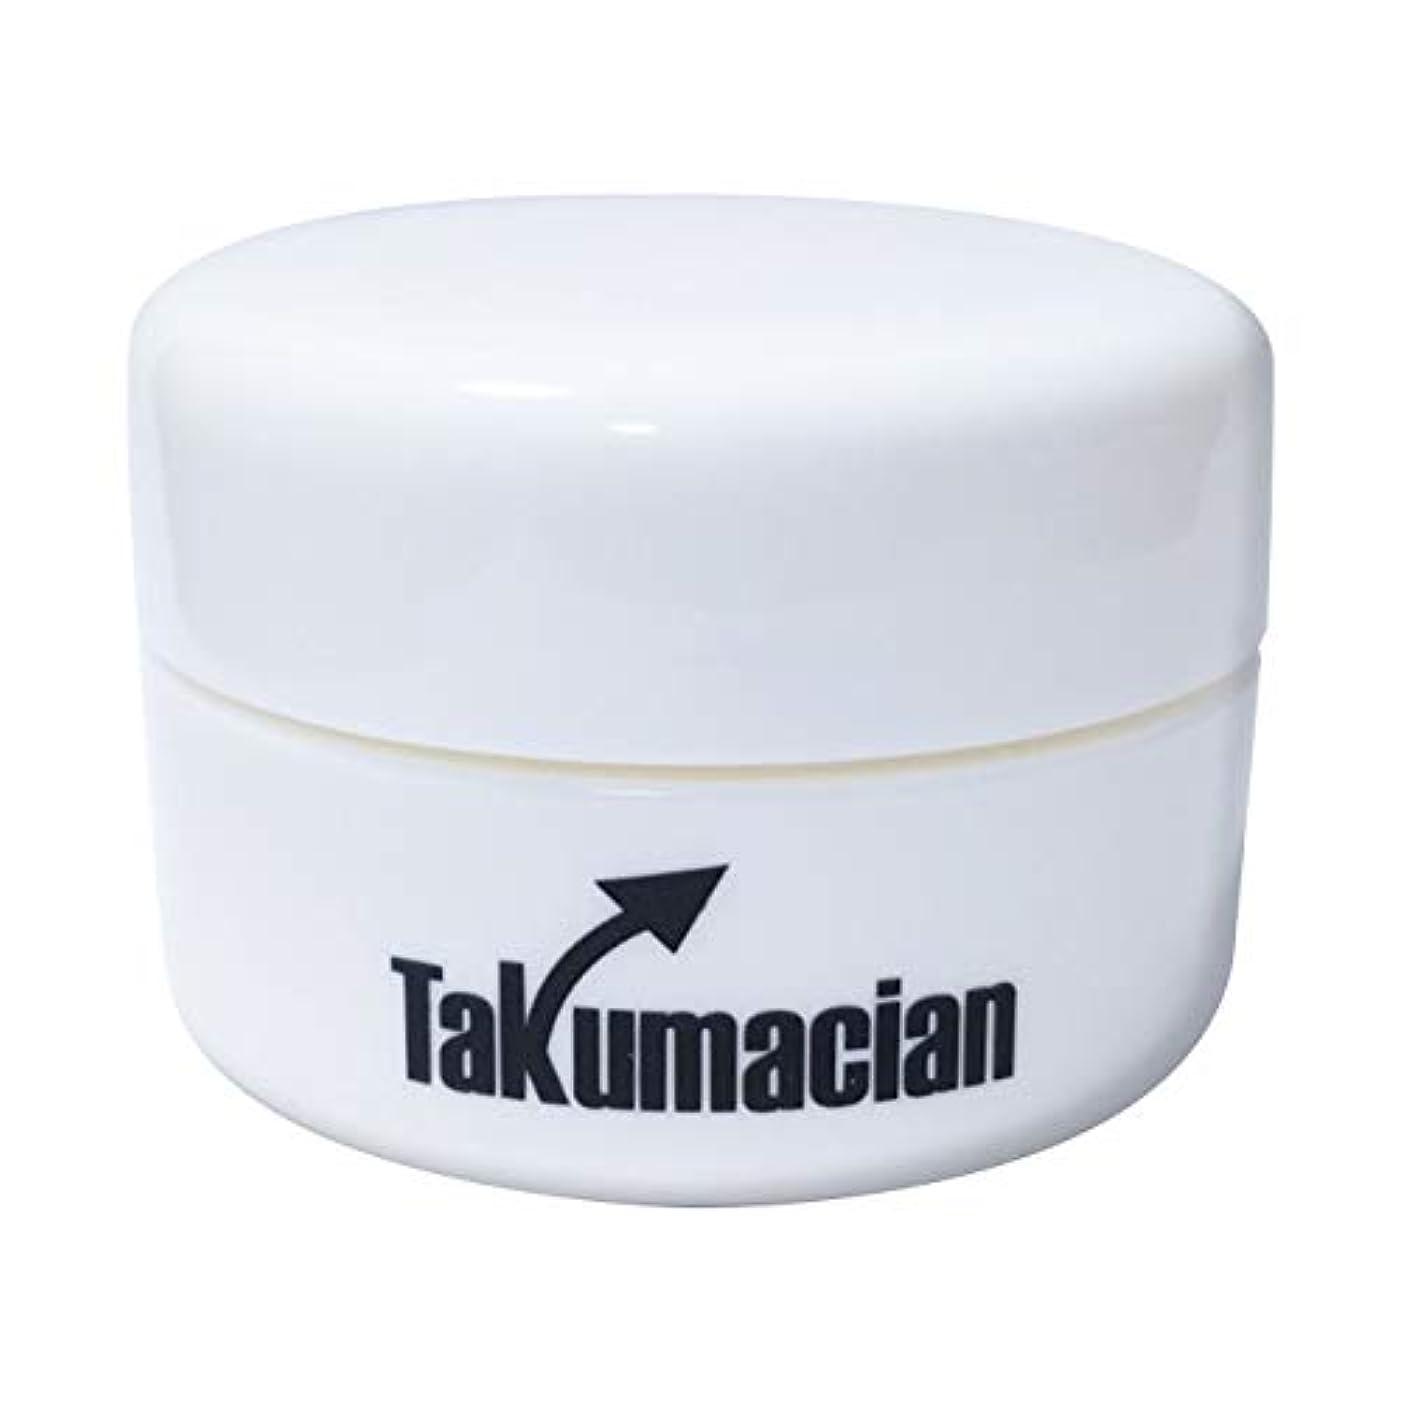 フリンジバンカー承認Takumacian タクマシアン ボディ用クリーム 男性用 長持ち 自信